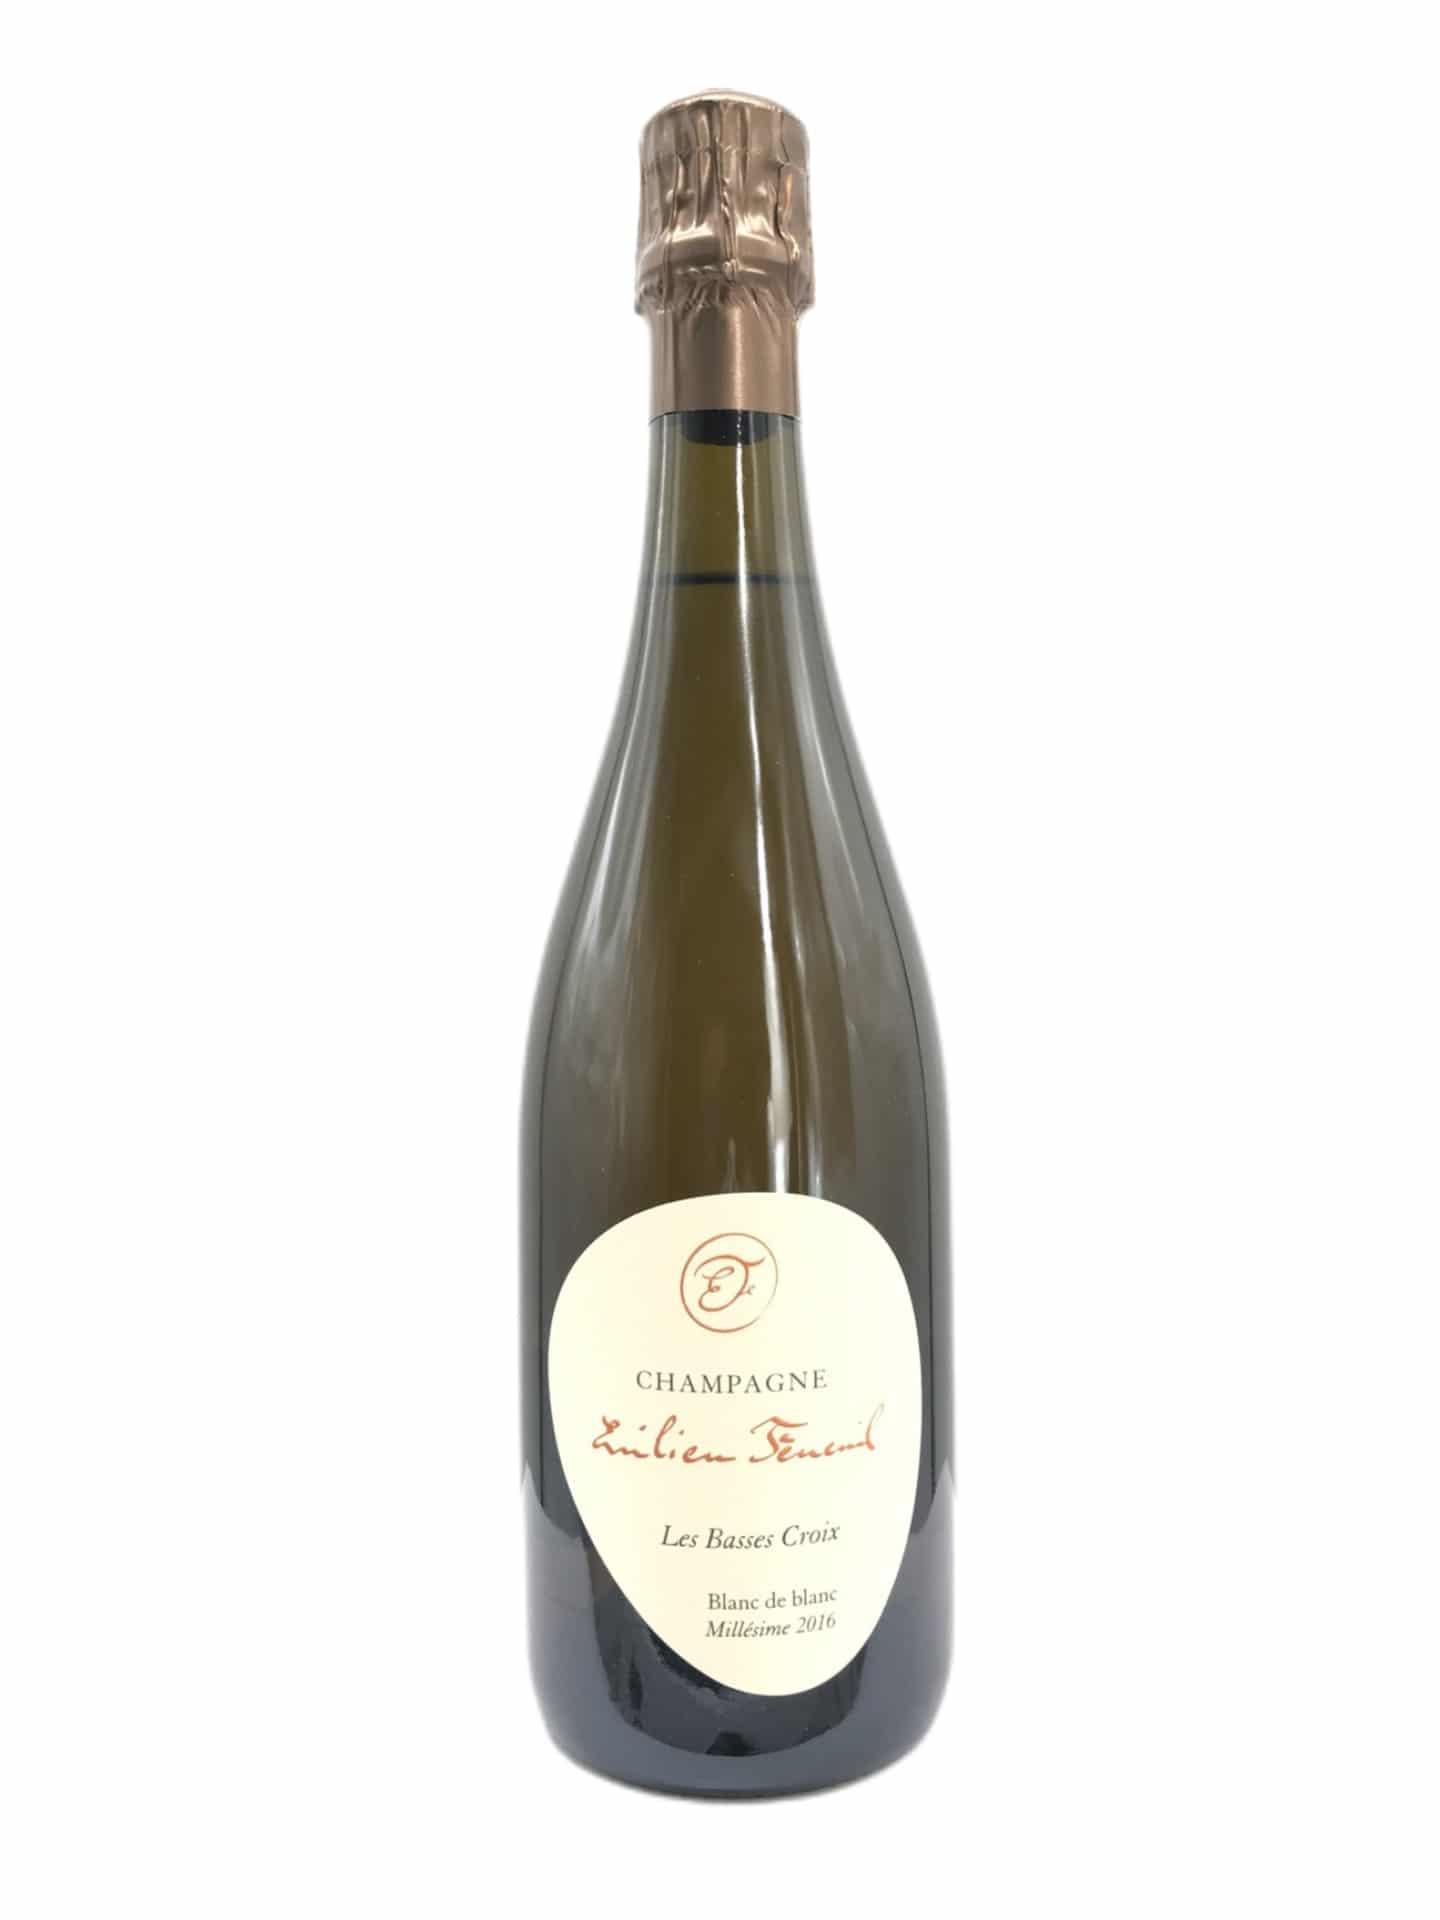 Champagne Emilien Feneuil Les Basses Croix 2016